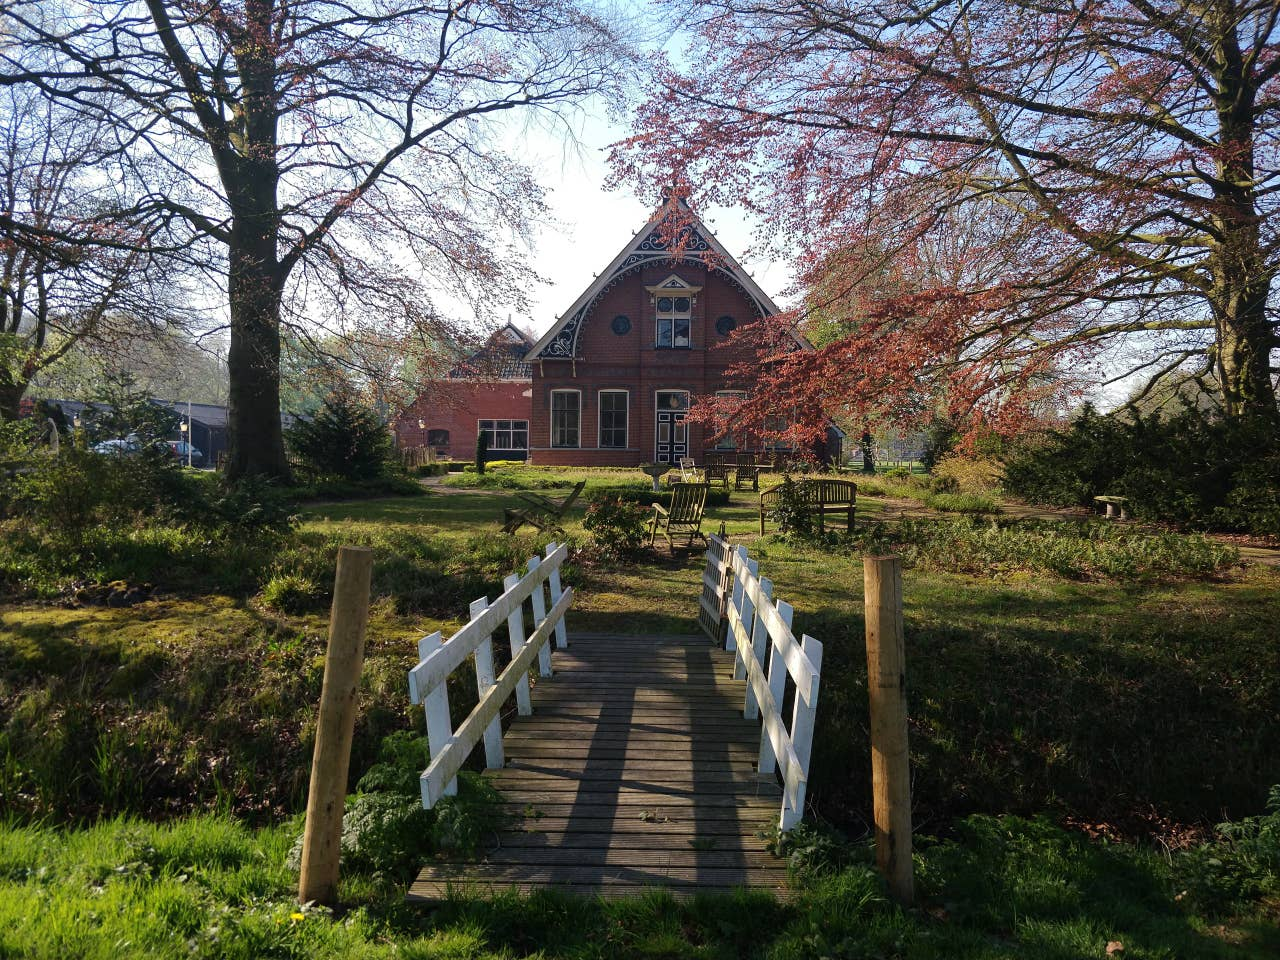 Landgoedboerderij Oosterheerdt - Contact